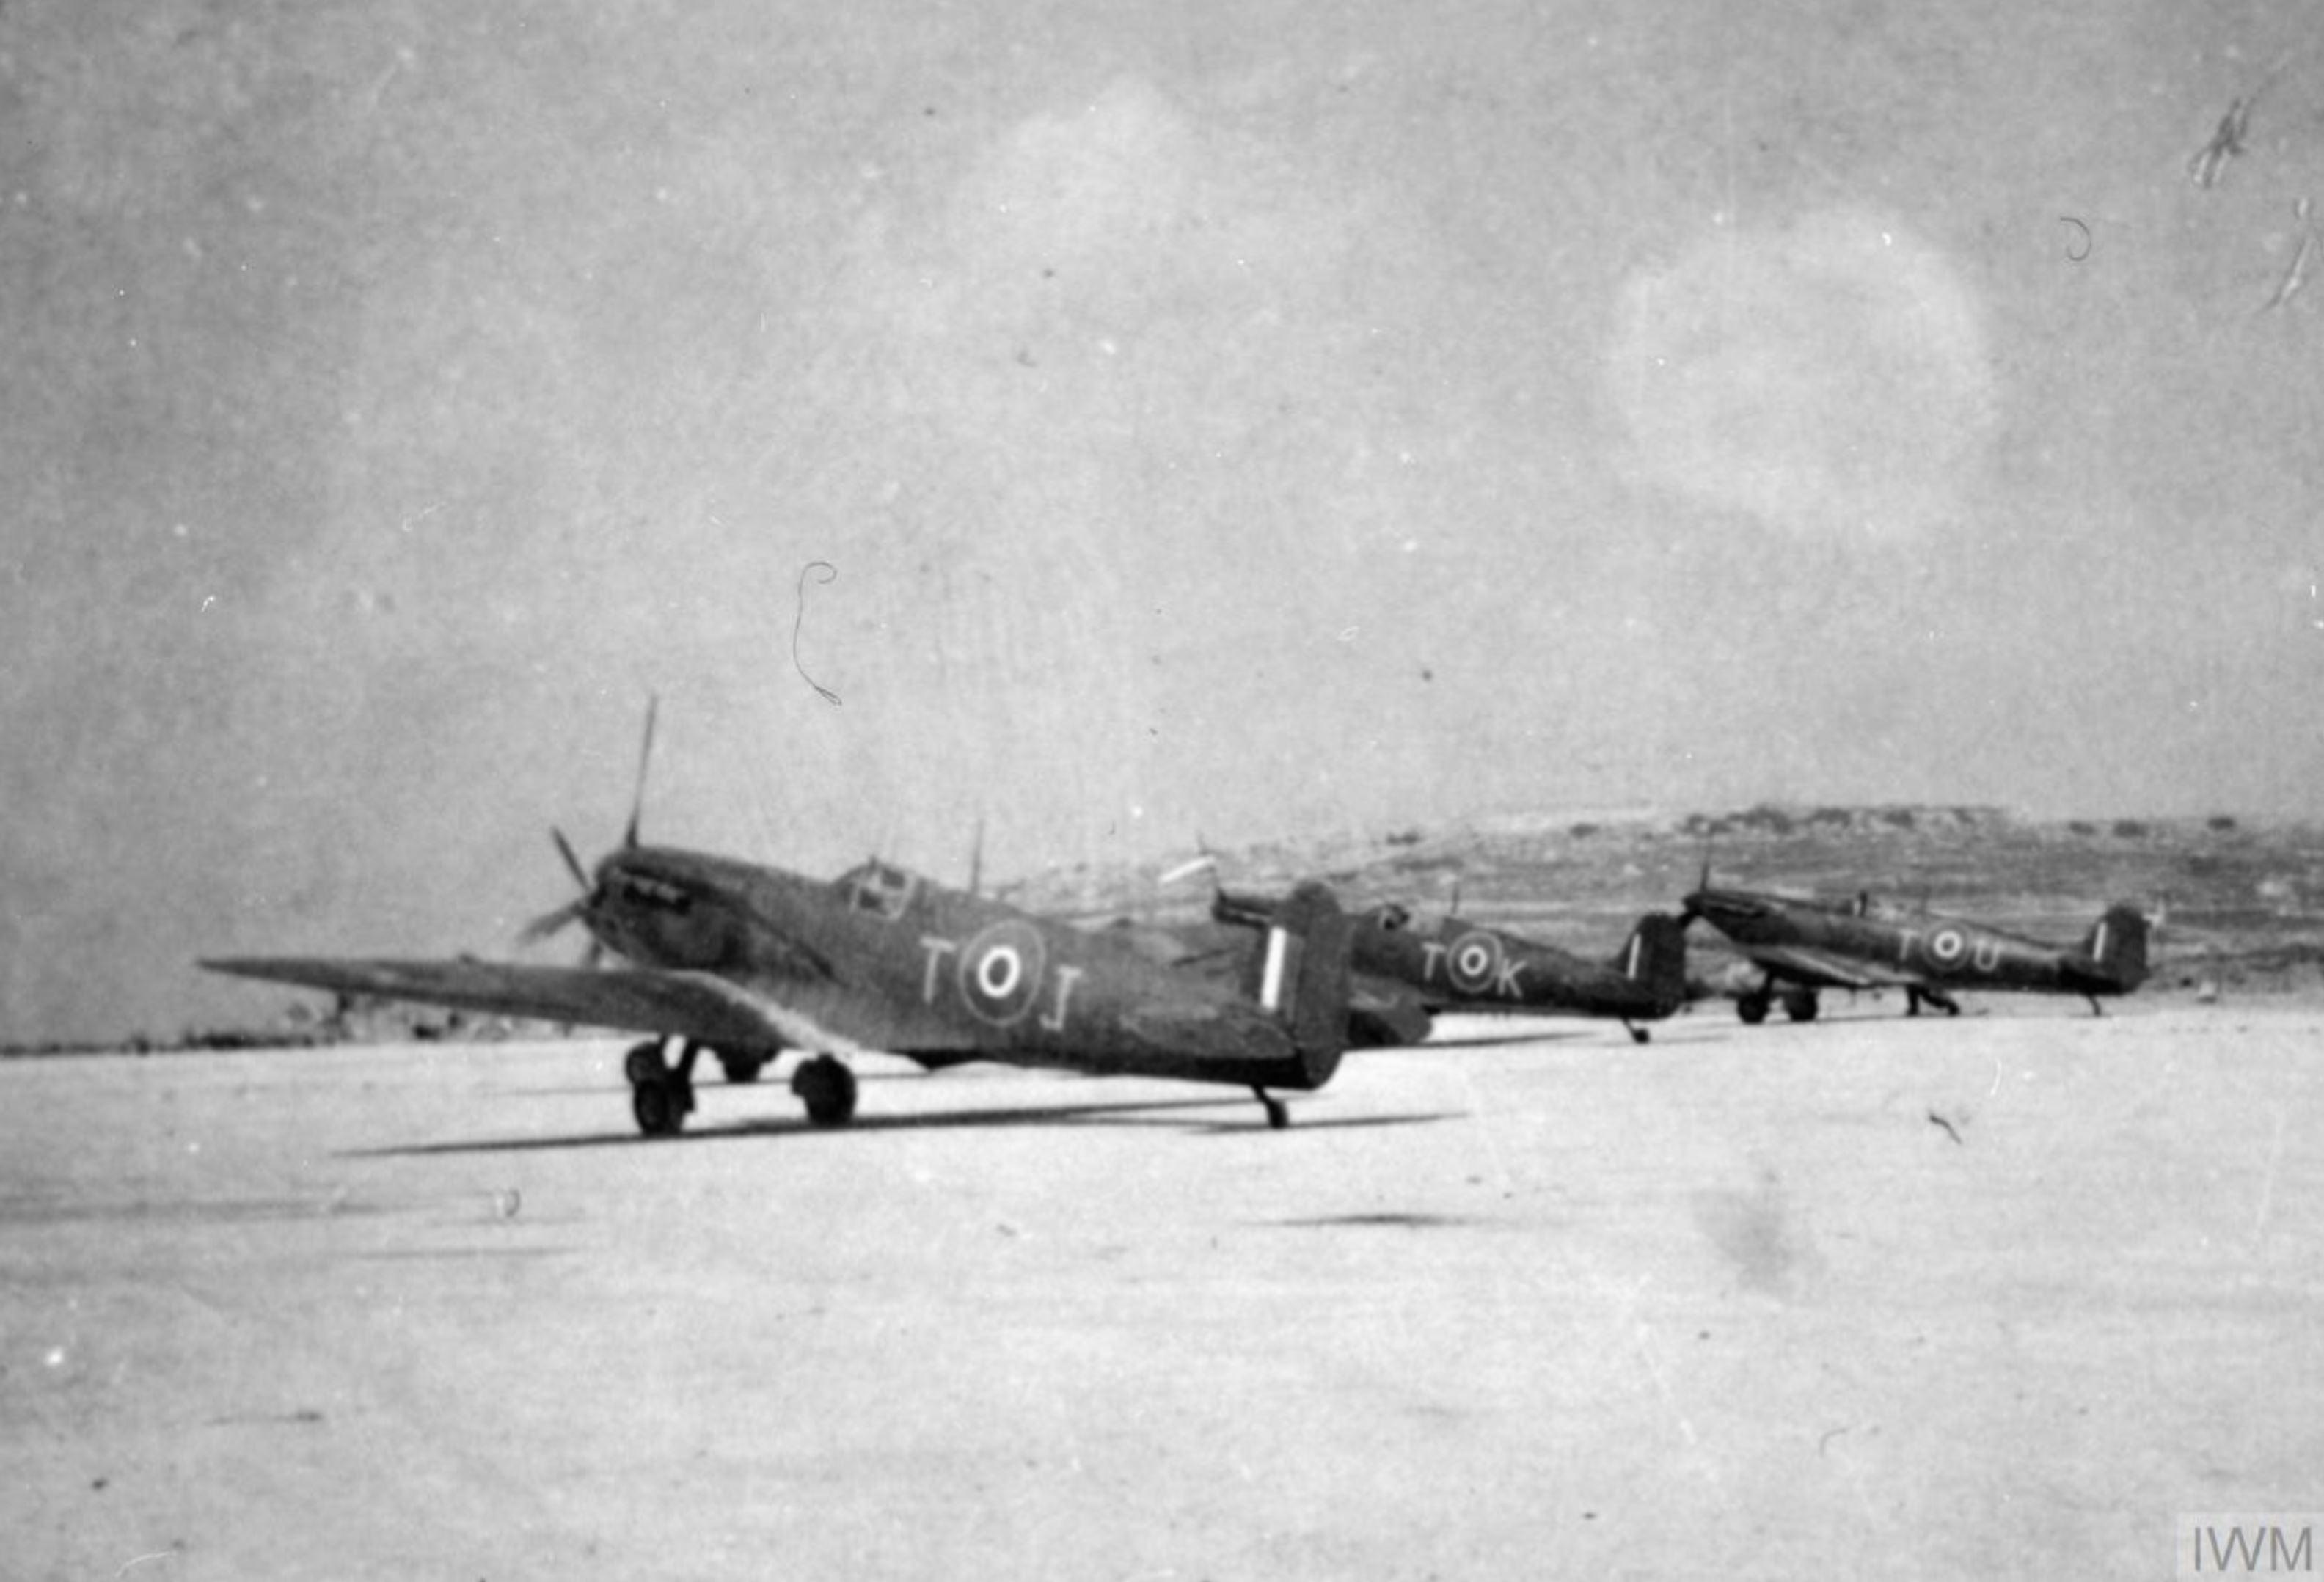 Spitfire MkVb RAF 249Sqn TJ TK n TU at Ta Kali Malta IWM HU72341